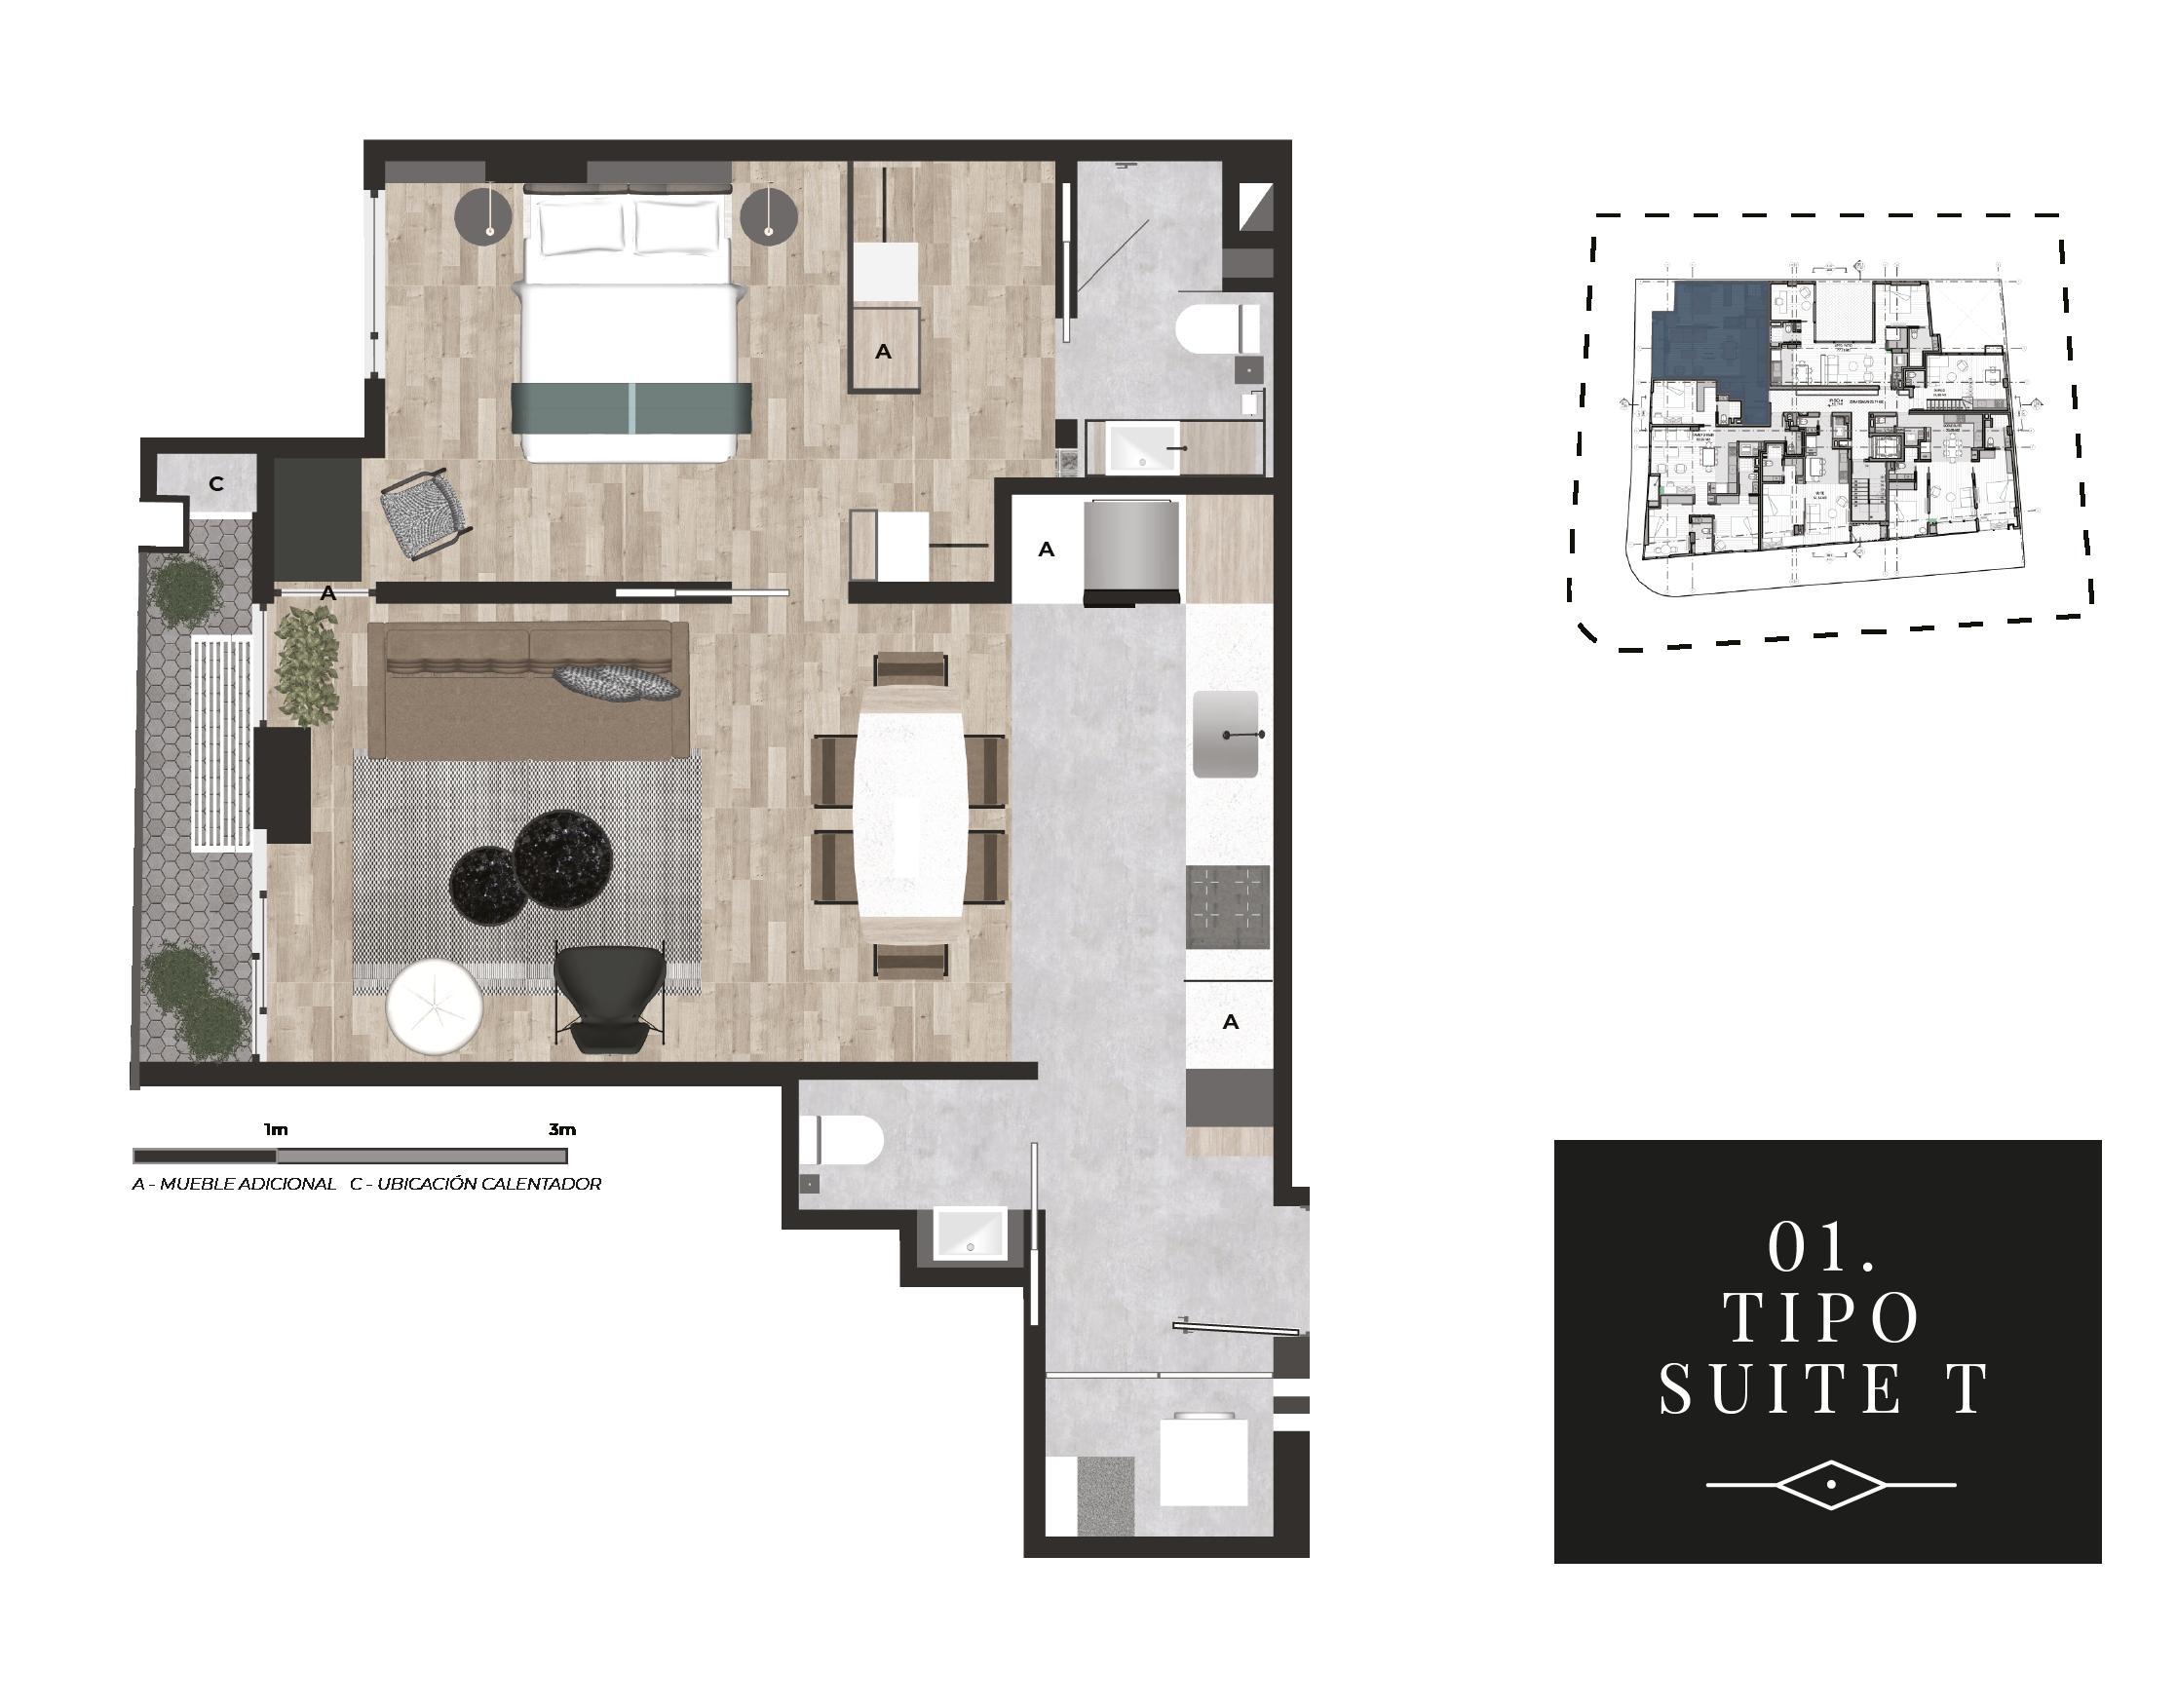 01 Suite T.png